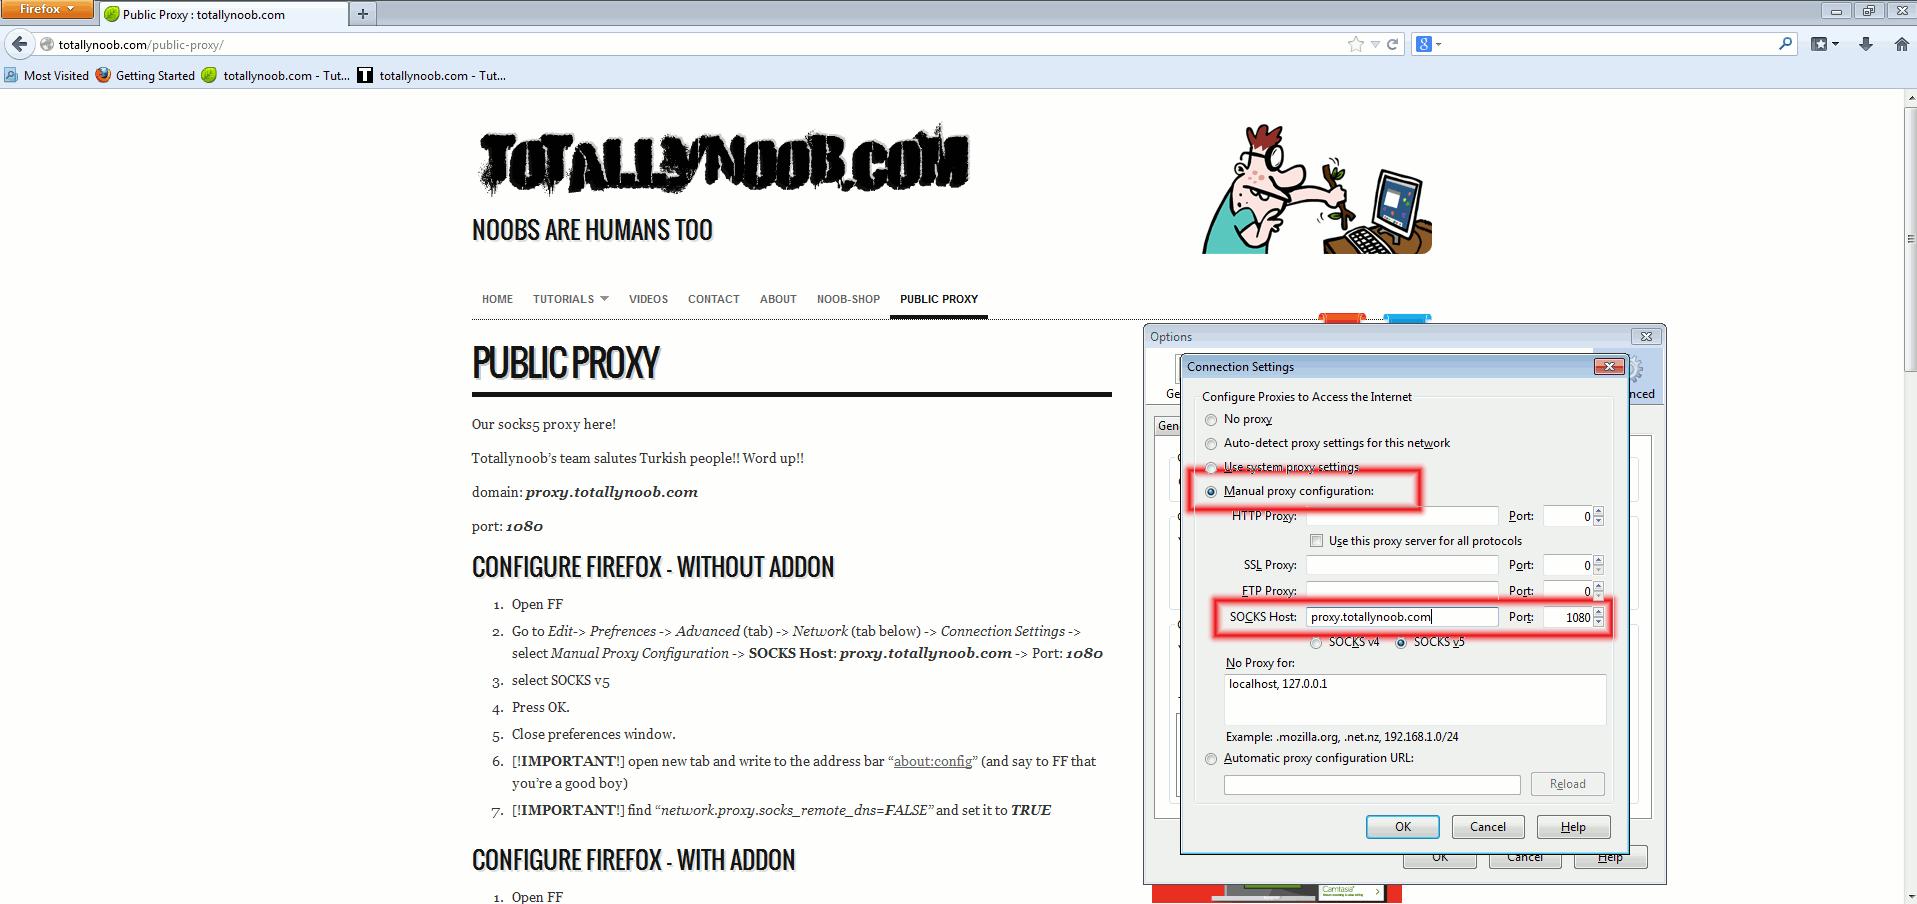 Public Proxy - totallynoob com